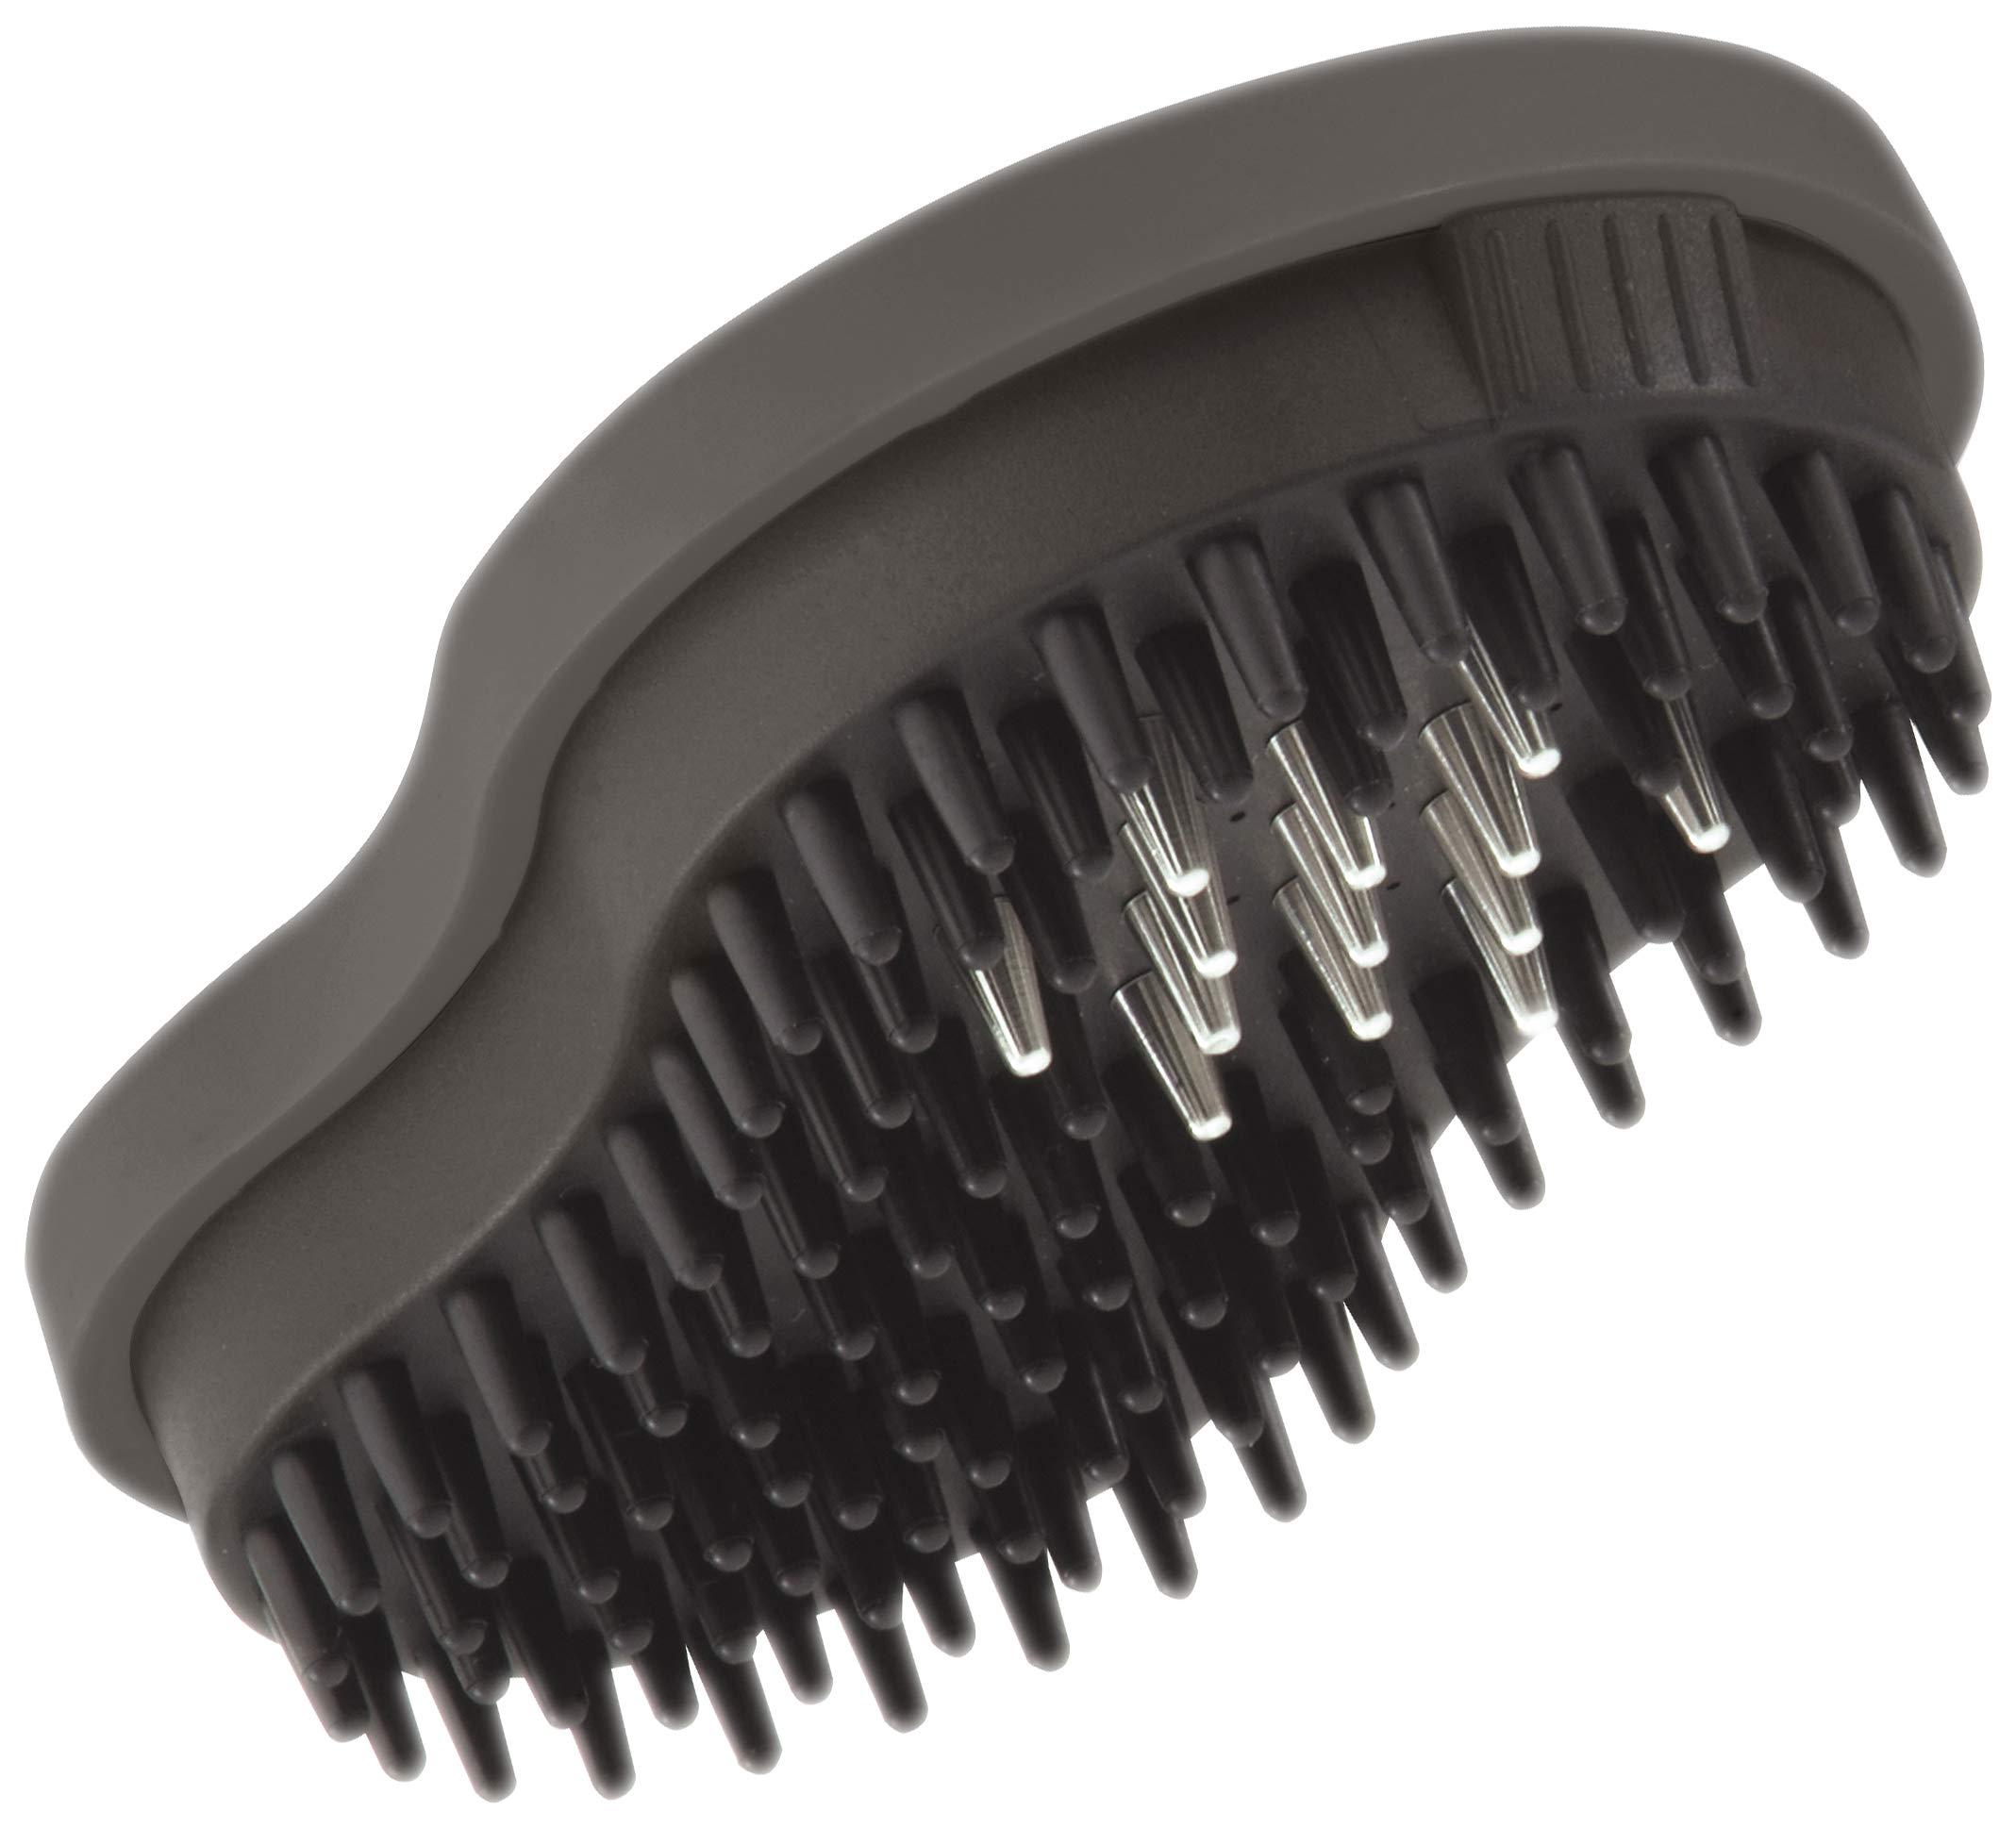 Zielonka Zilopet Natural Pet Brush with Deodorizer, Black